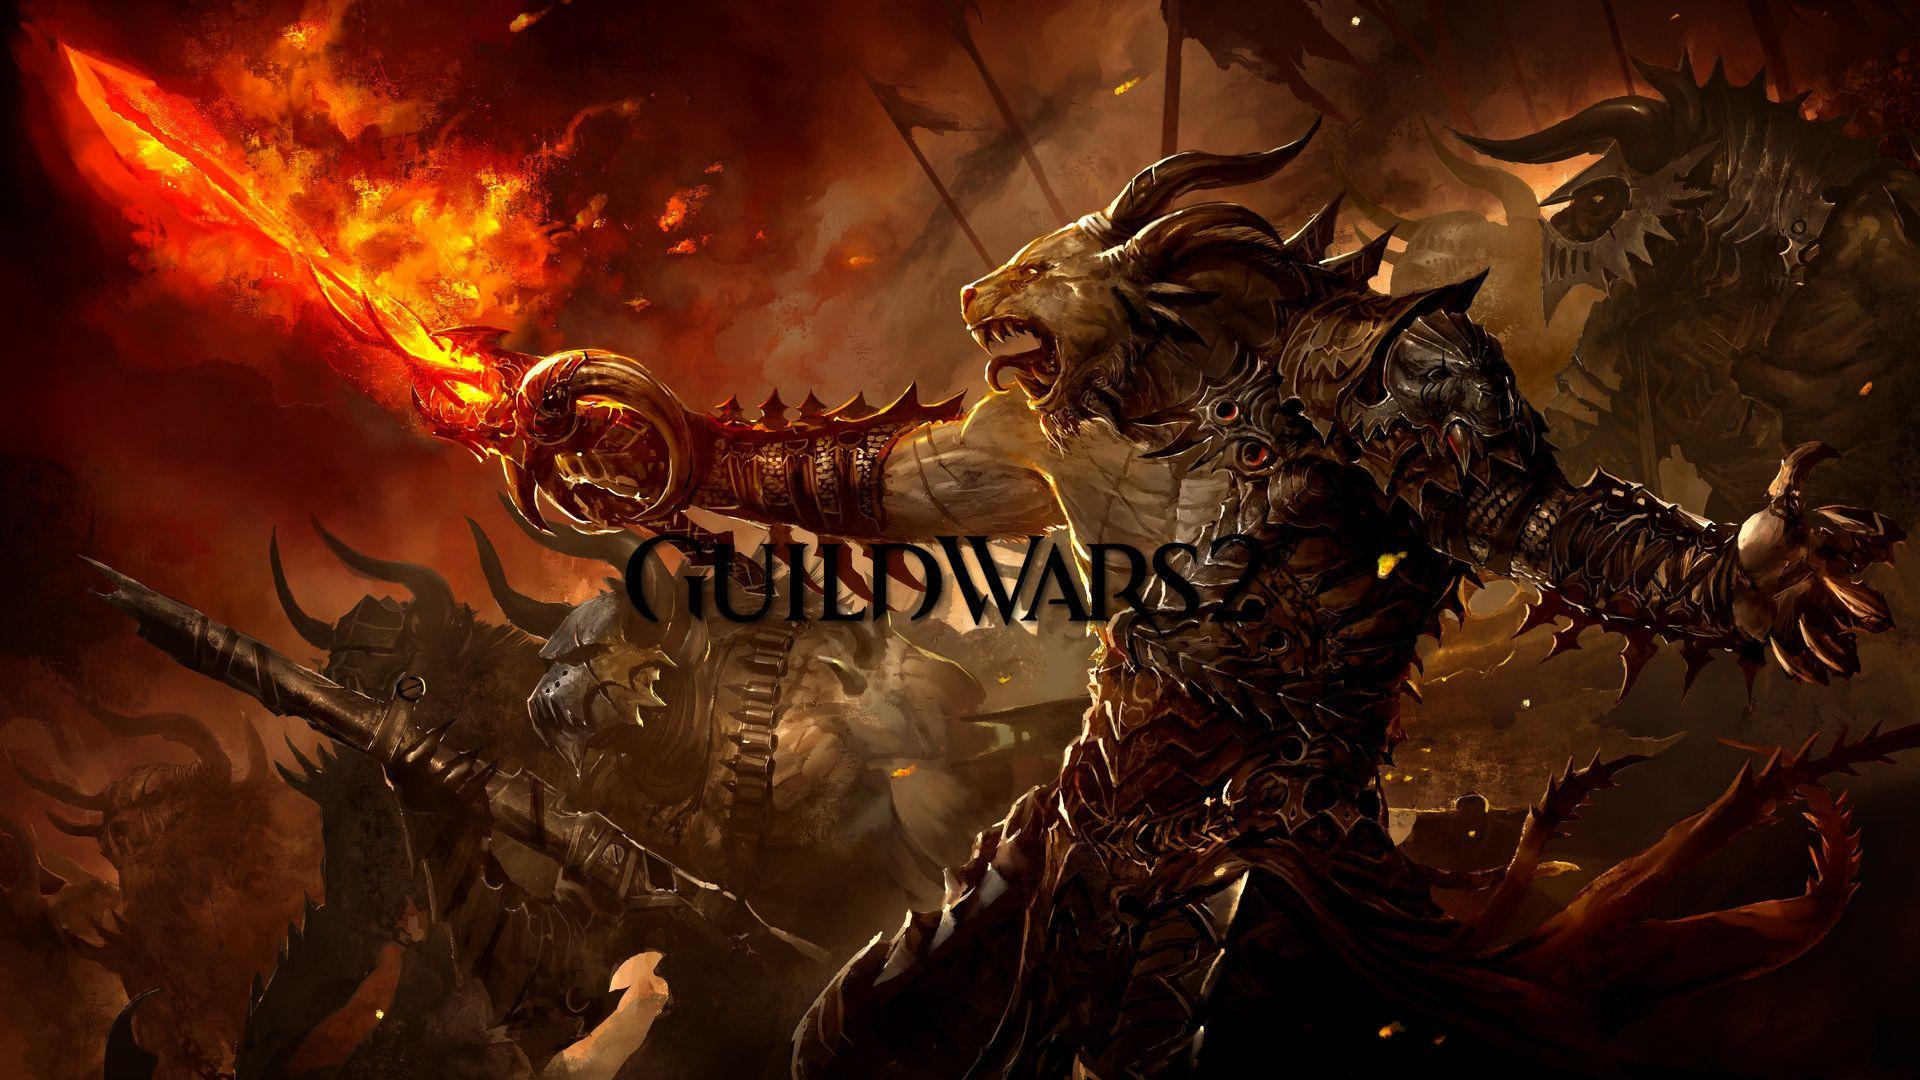 Guild Wars 2 Rehberi, İncelemesi ve Sistem Gereksinimleri